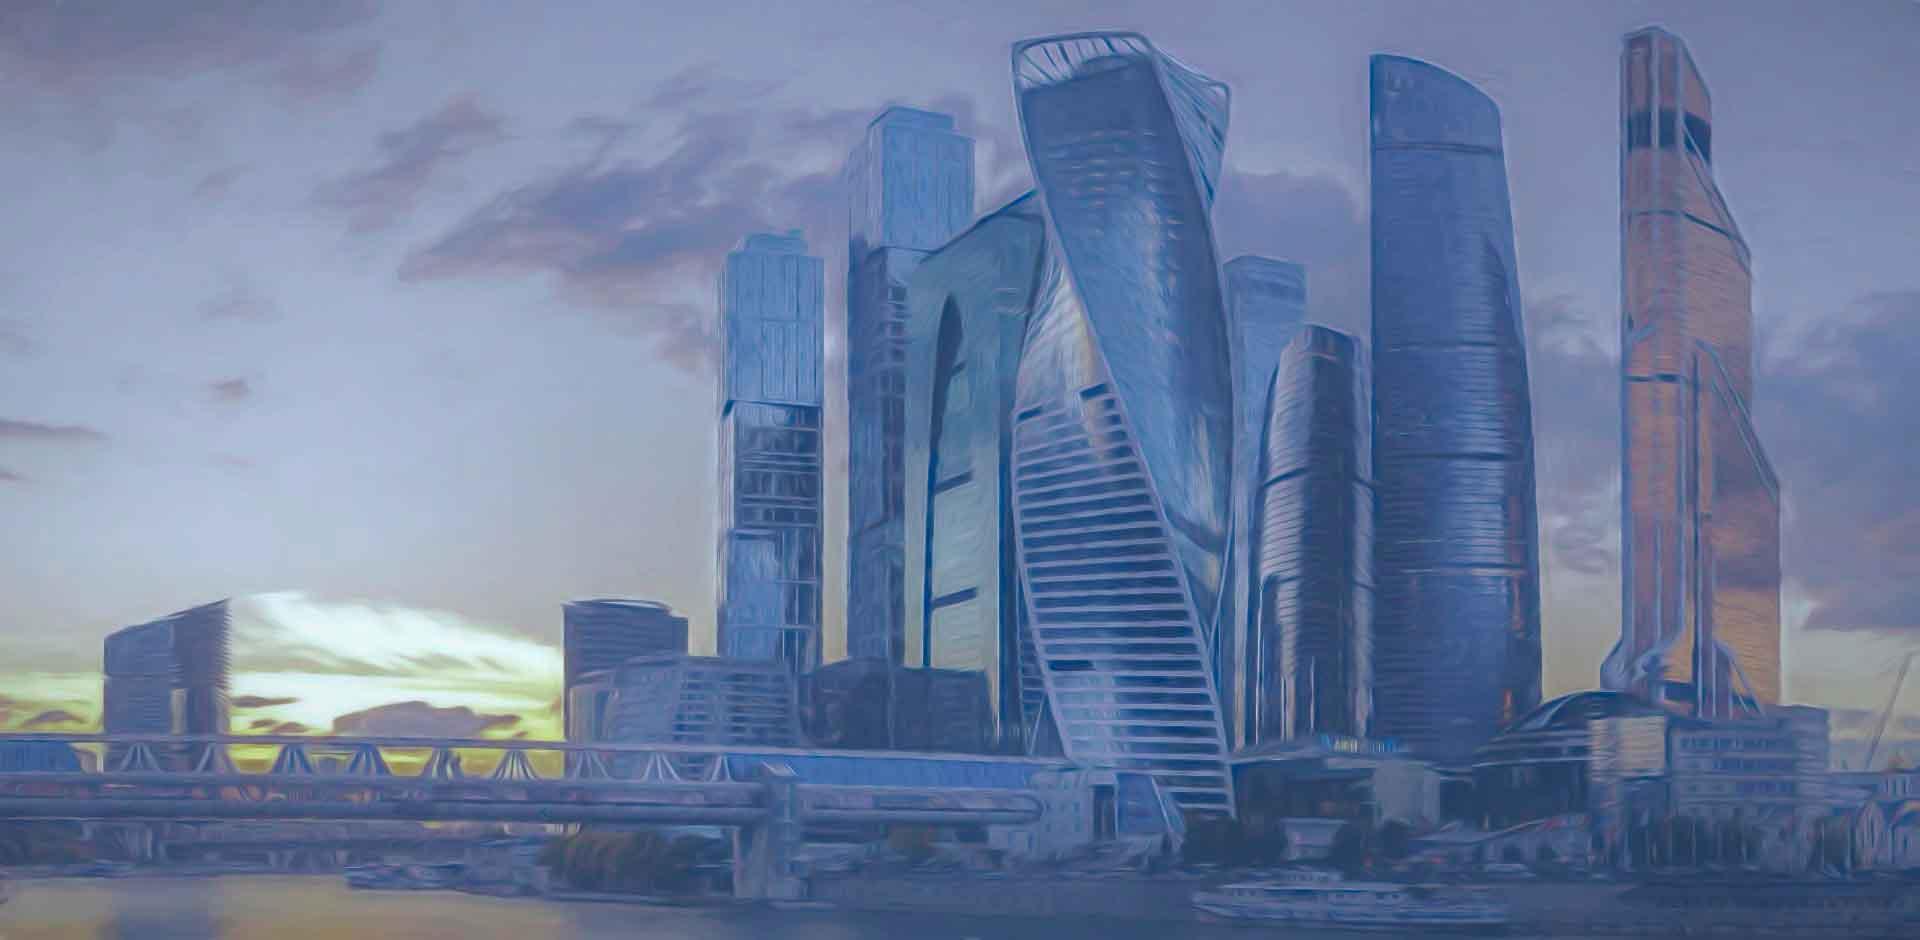 услуги адвоката по арбитражным делам в Москве